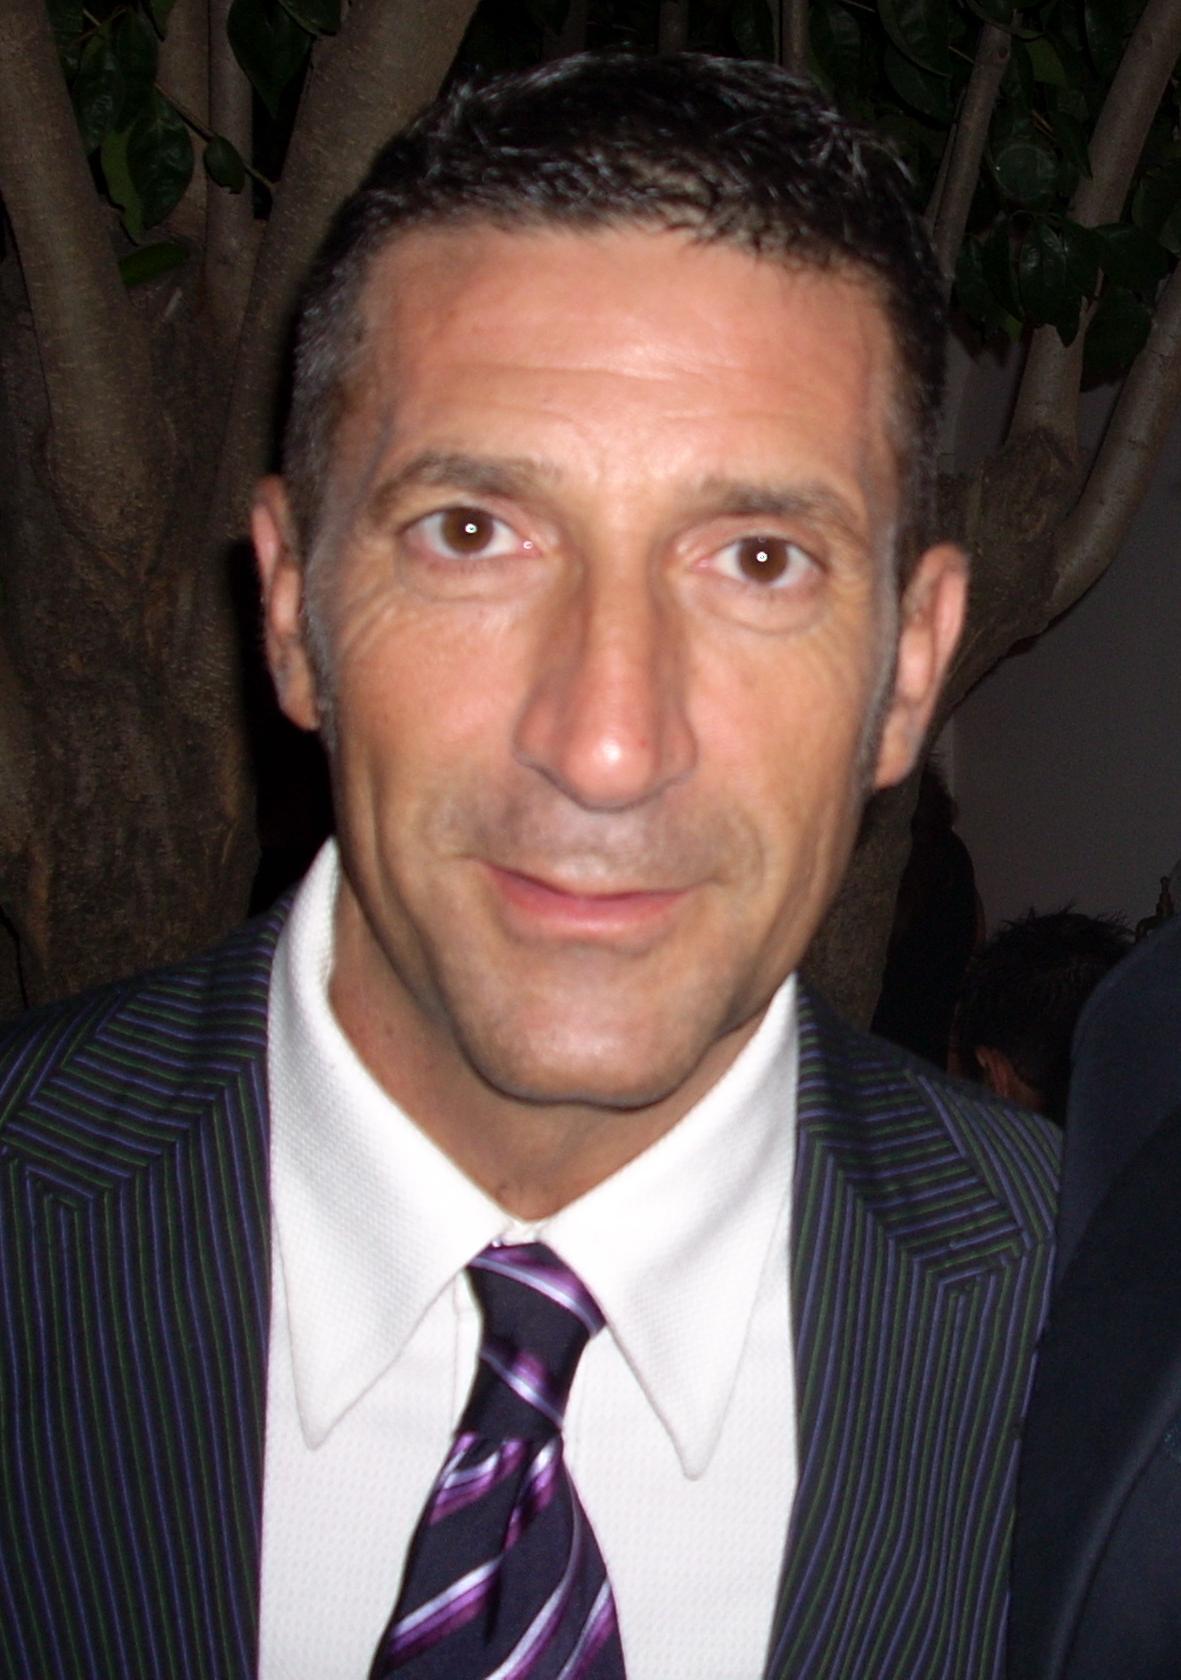 Girolamo Panzetta - Wikipedia